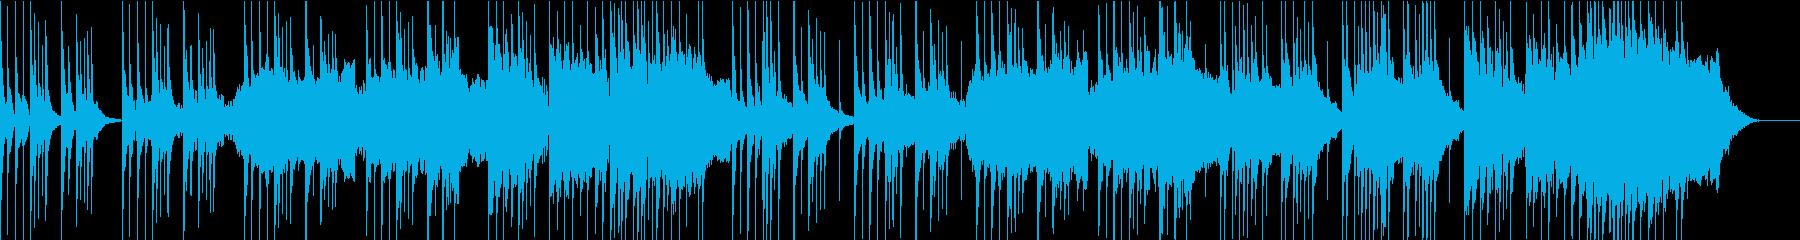 心が落ち着く癒しの和風BGMの再生済みの波形